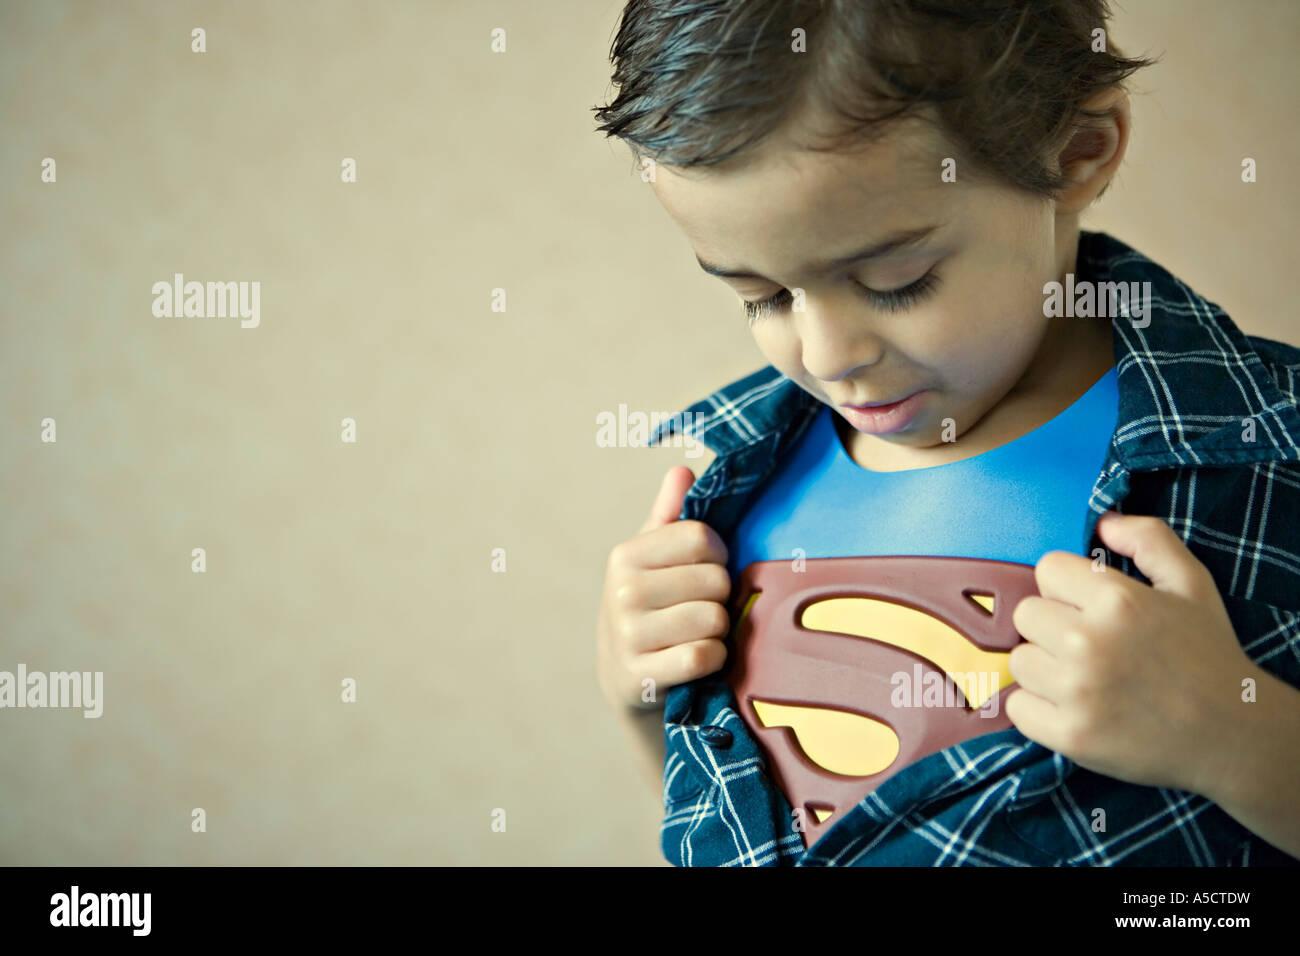 Montre enfant costume de superman Photo Stock